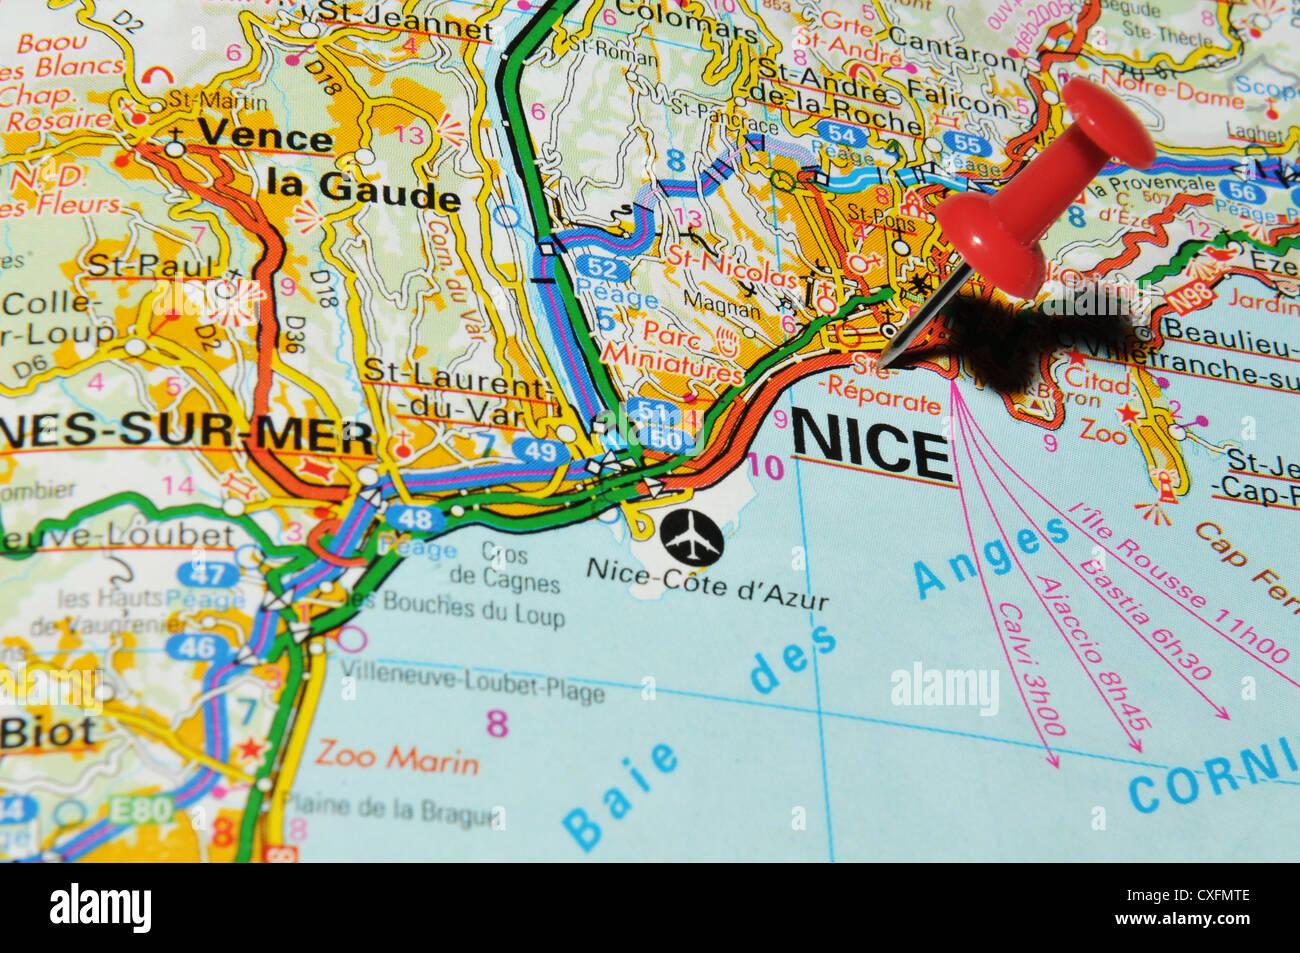 landkarte nizza frankreich Nizza (Frankreich) auf Karte Stockfotografie   Alamy